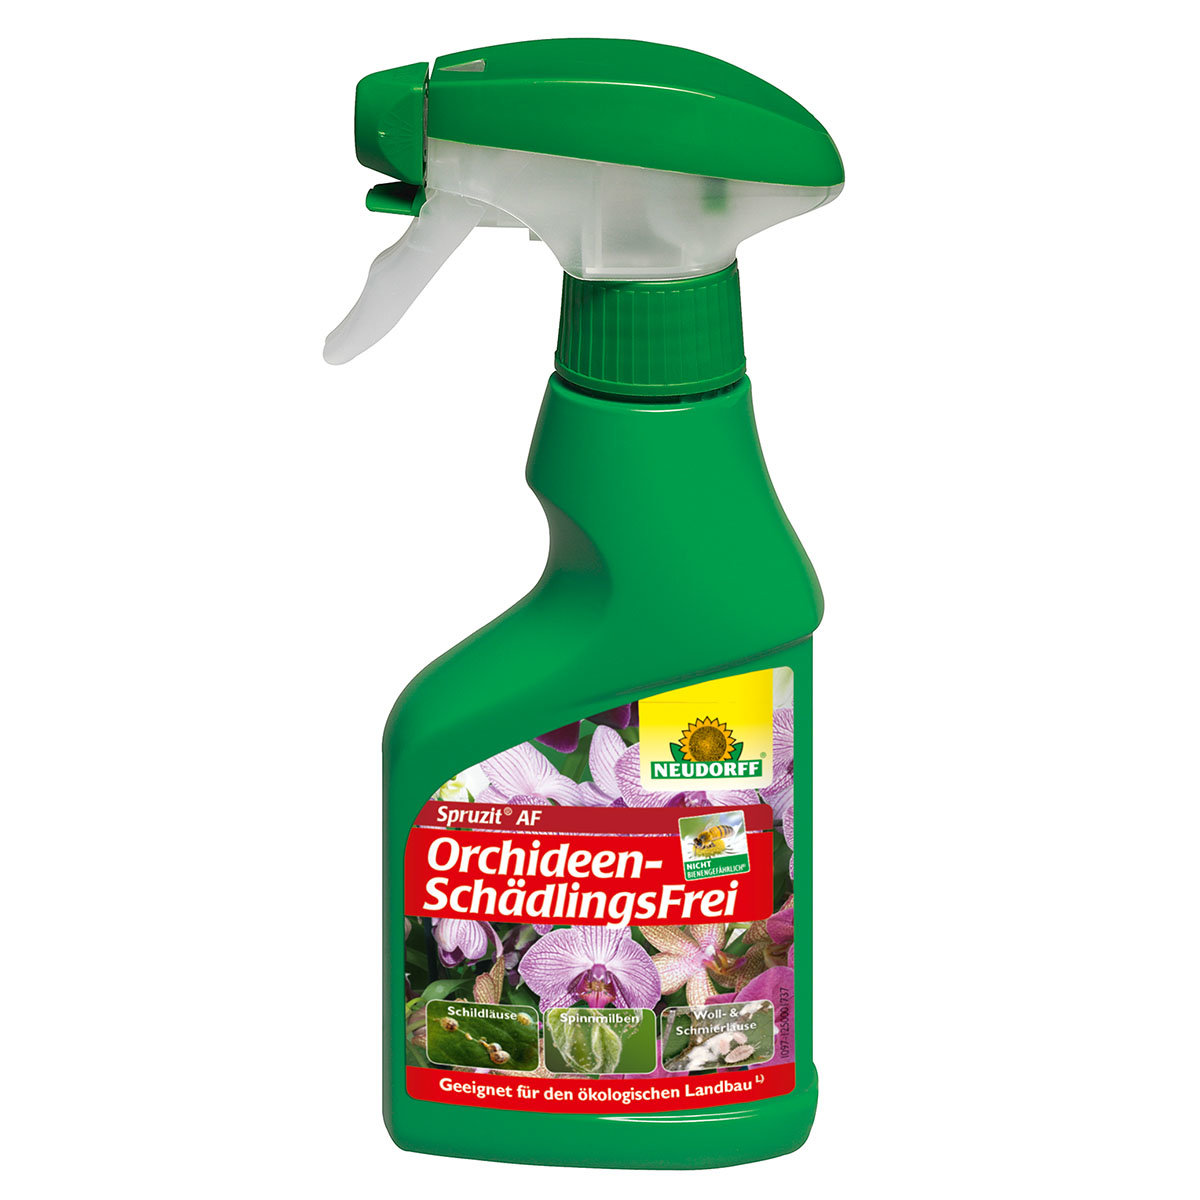 Neudorff Spruzit AF OrchideenSchädlingsFrei, 250 ml